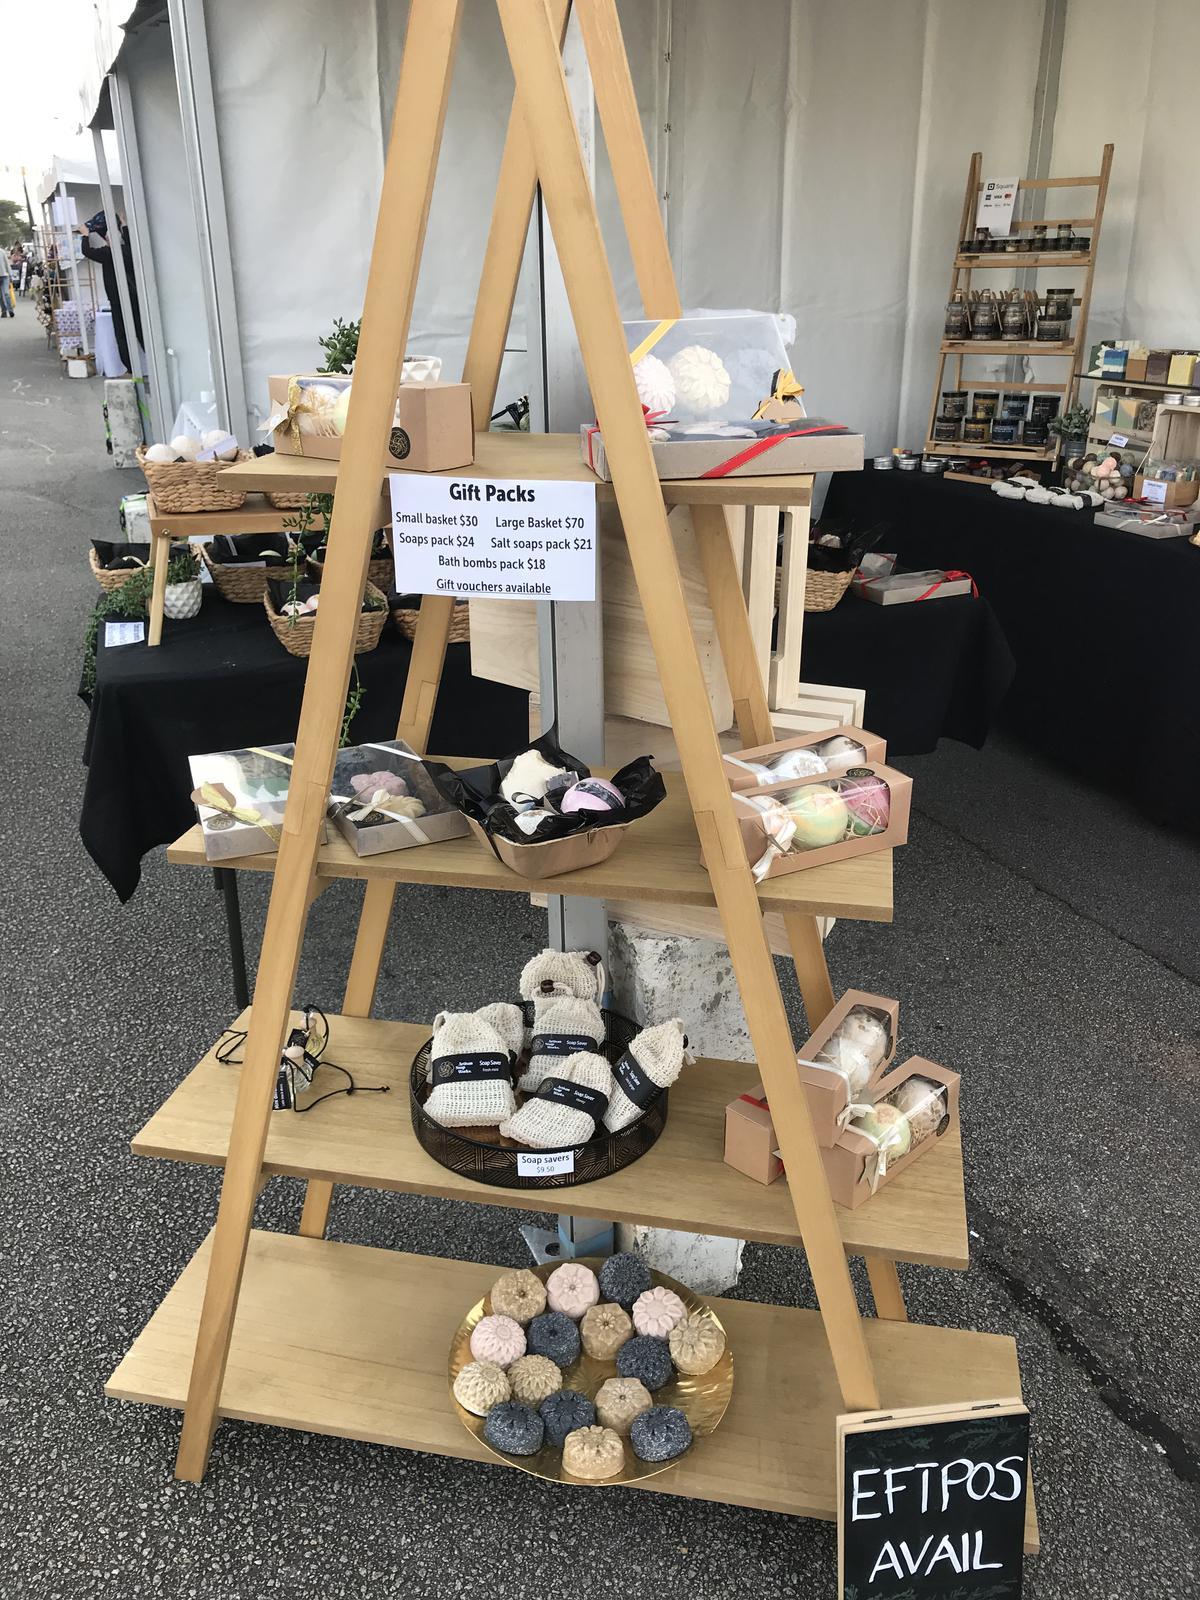 Shelf market set up